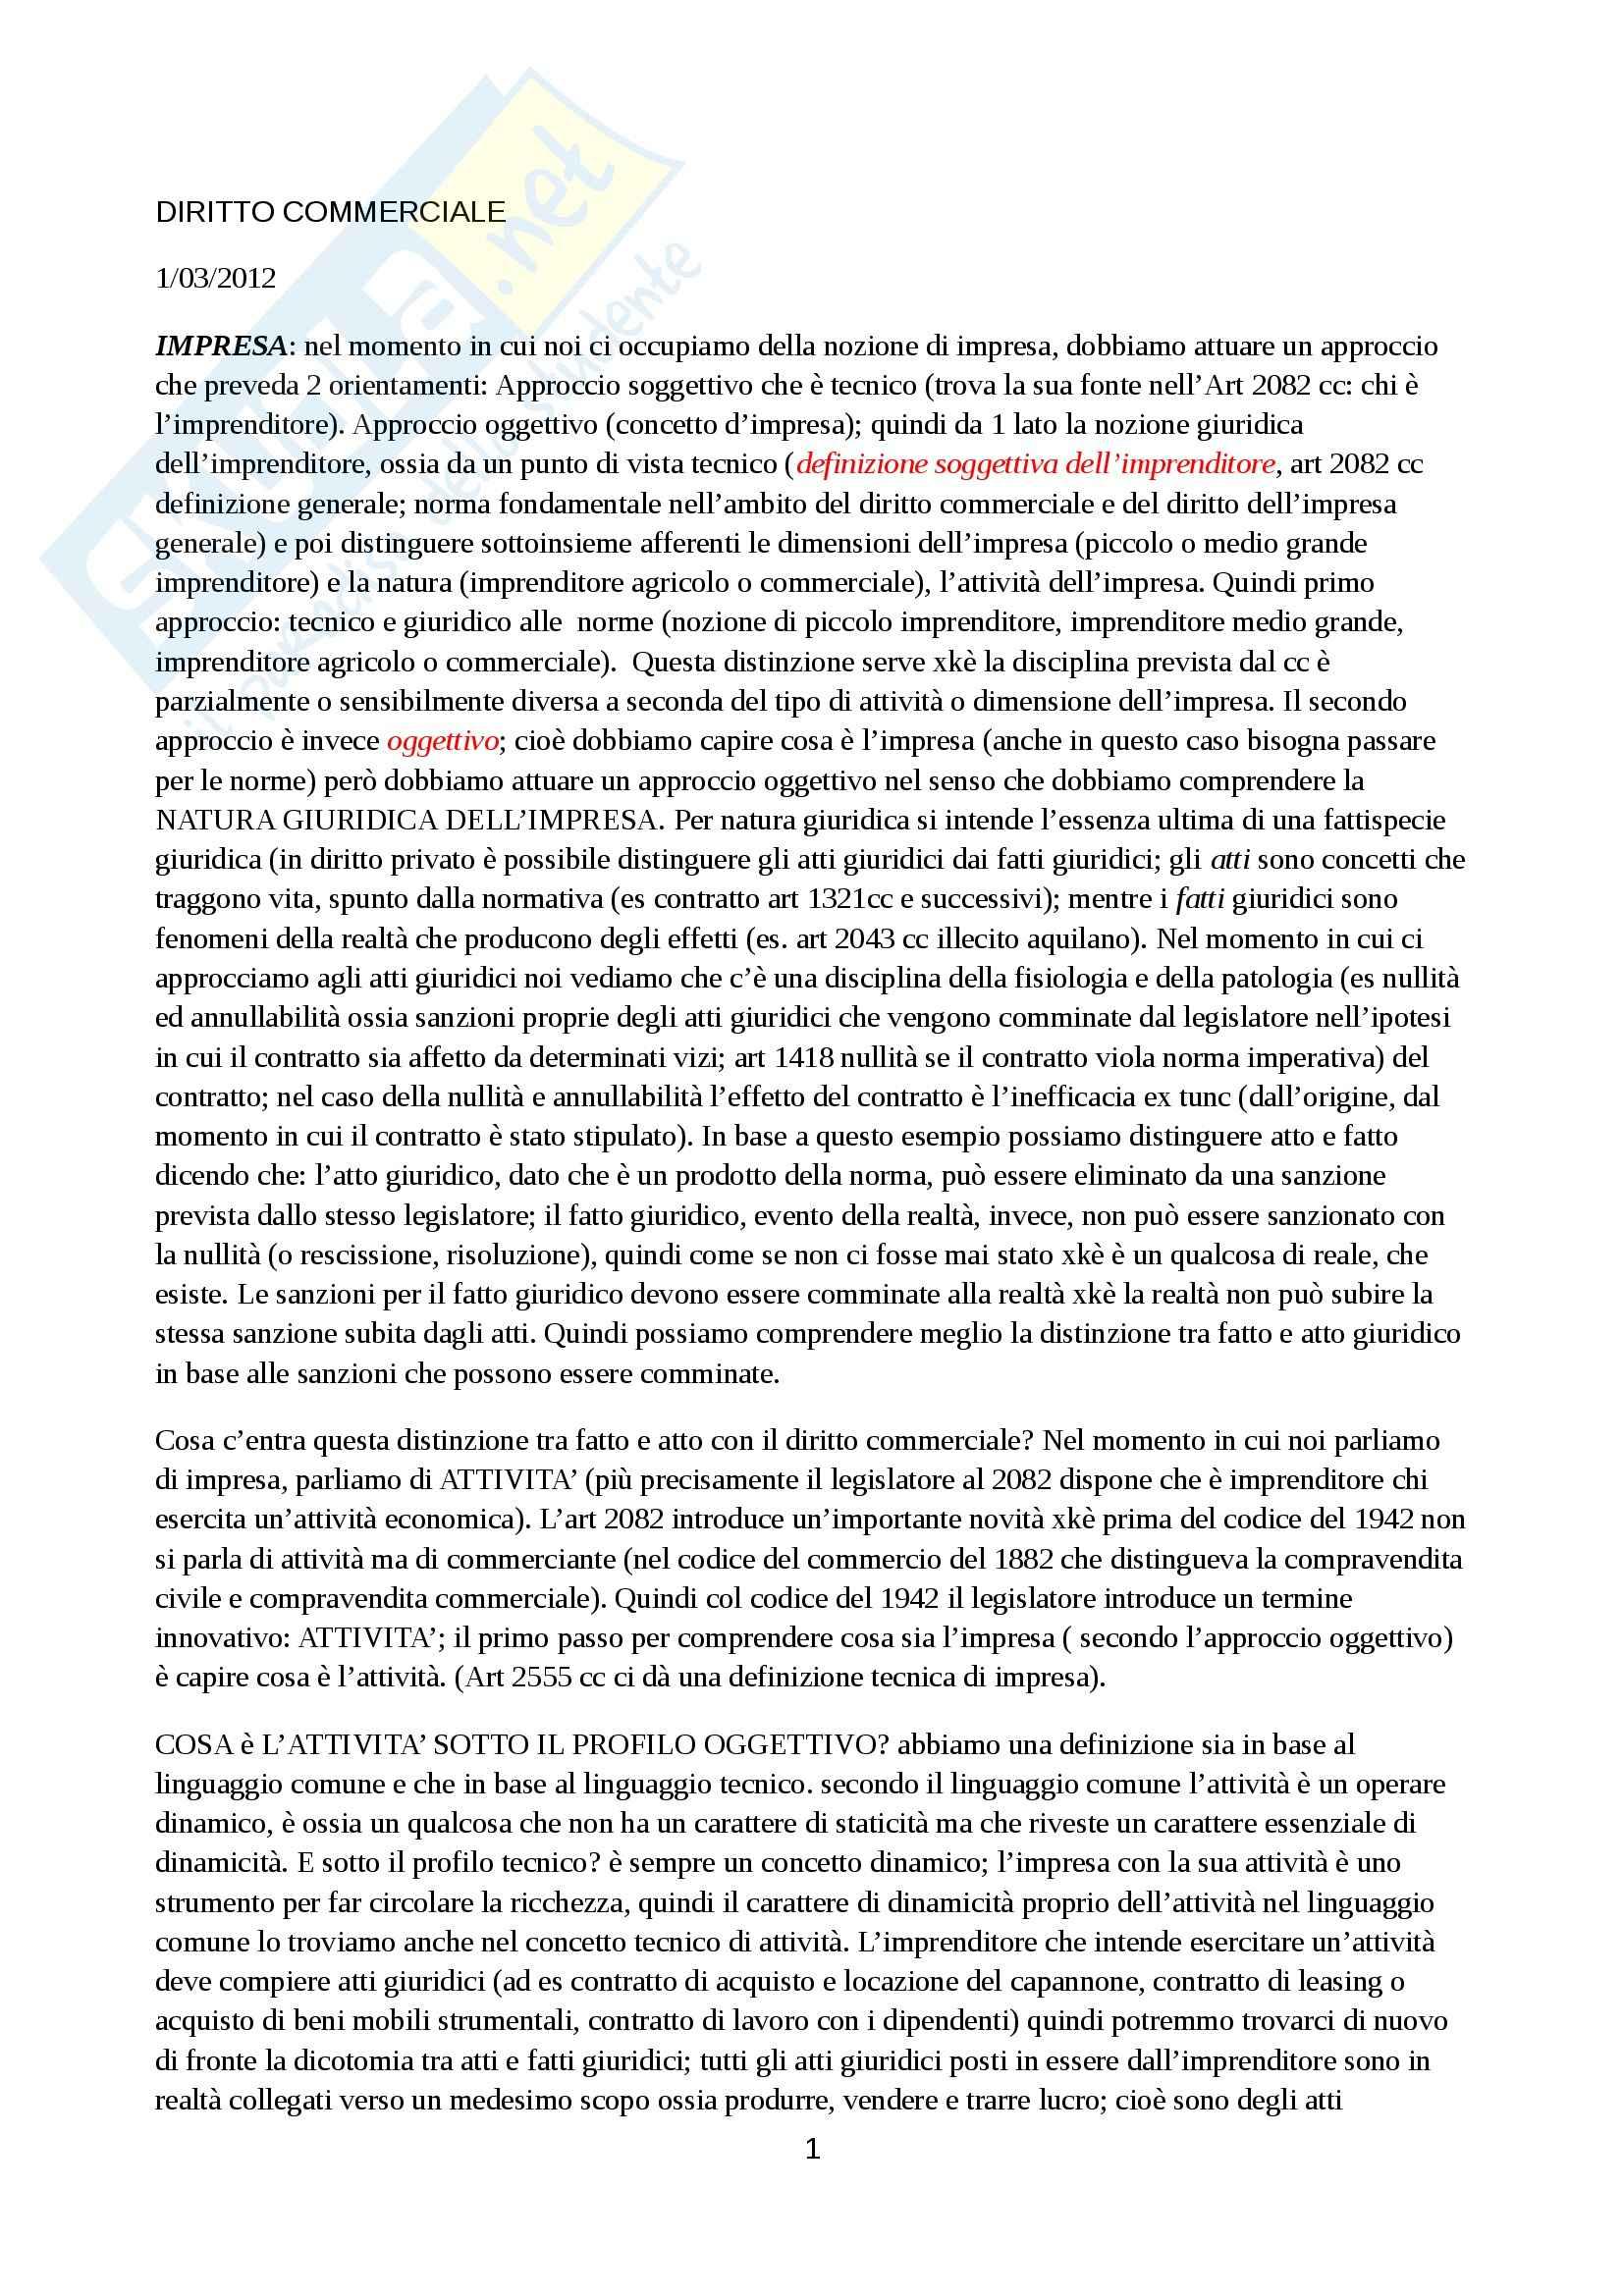 Diritto commerciale - Appunti